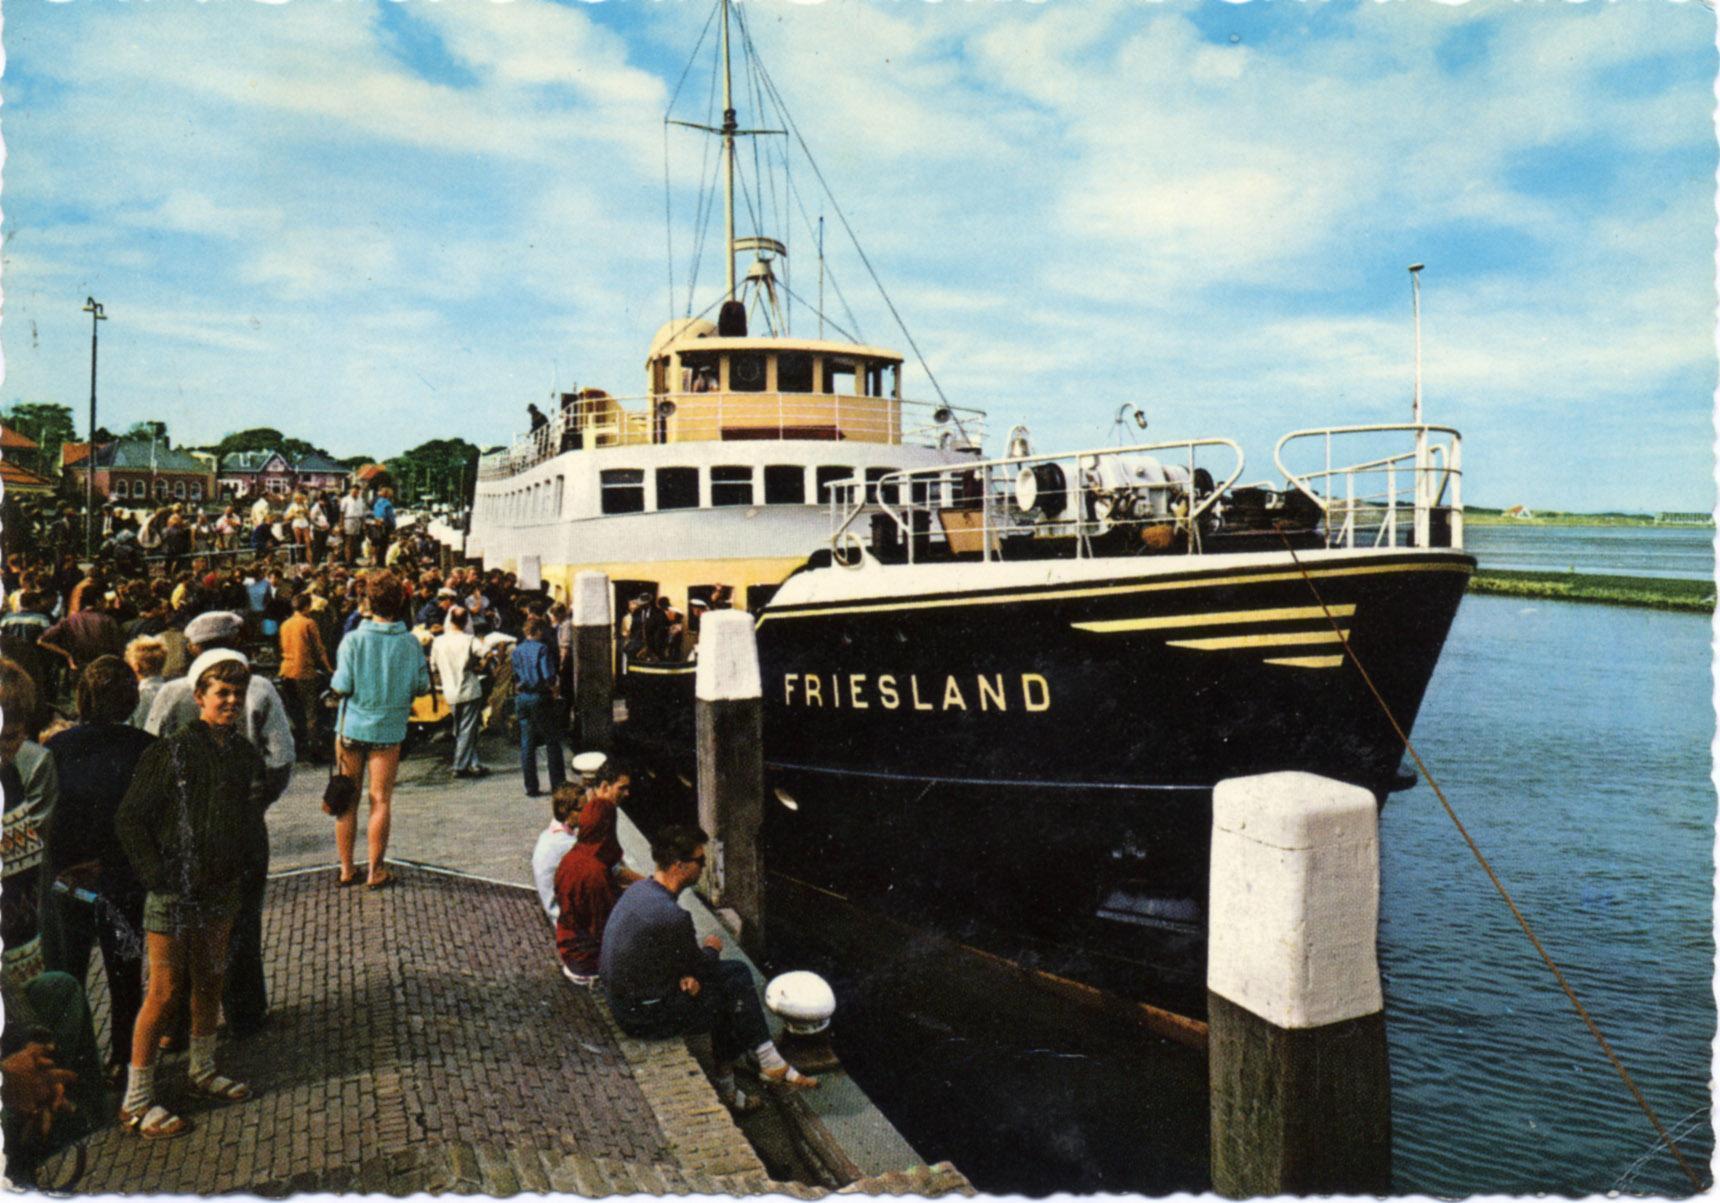 MS Friesland verruilt historische driehoek Hoorn-Enkhuizen-Medemblik voor Vlieland en Terschelling